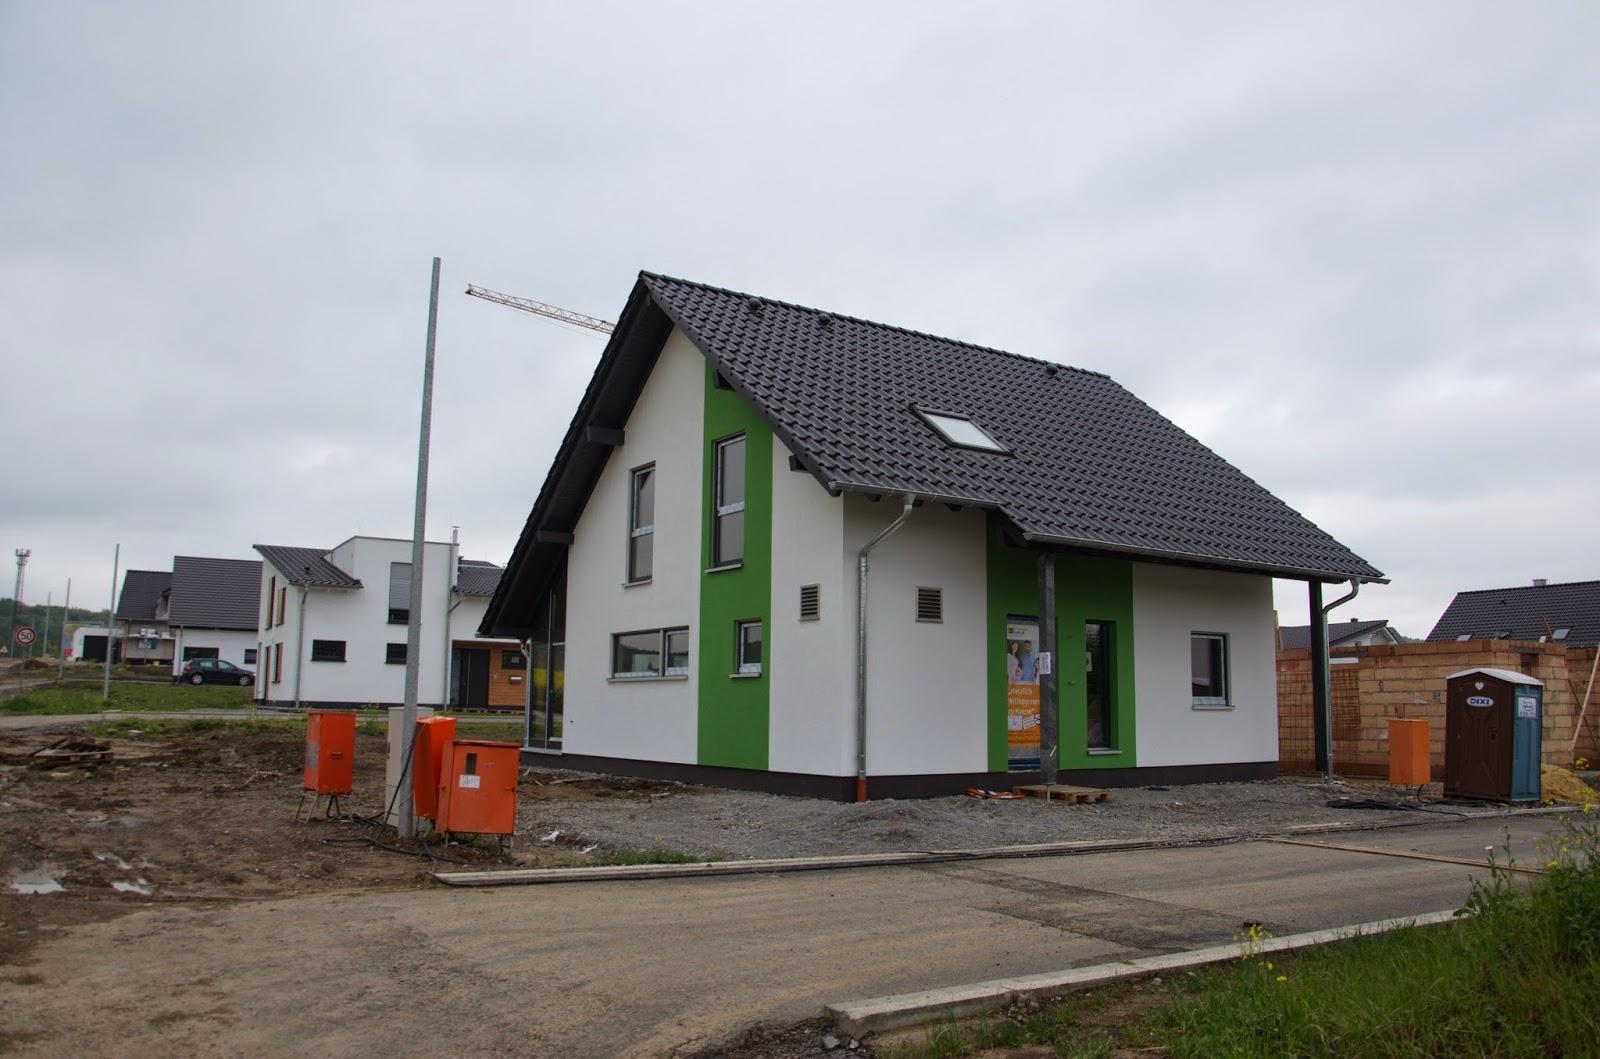 Wir bauen unser traumhaus farbstreifen for Traumhaus bauen